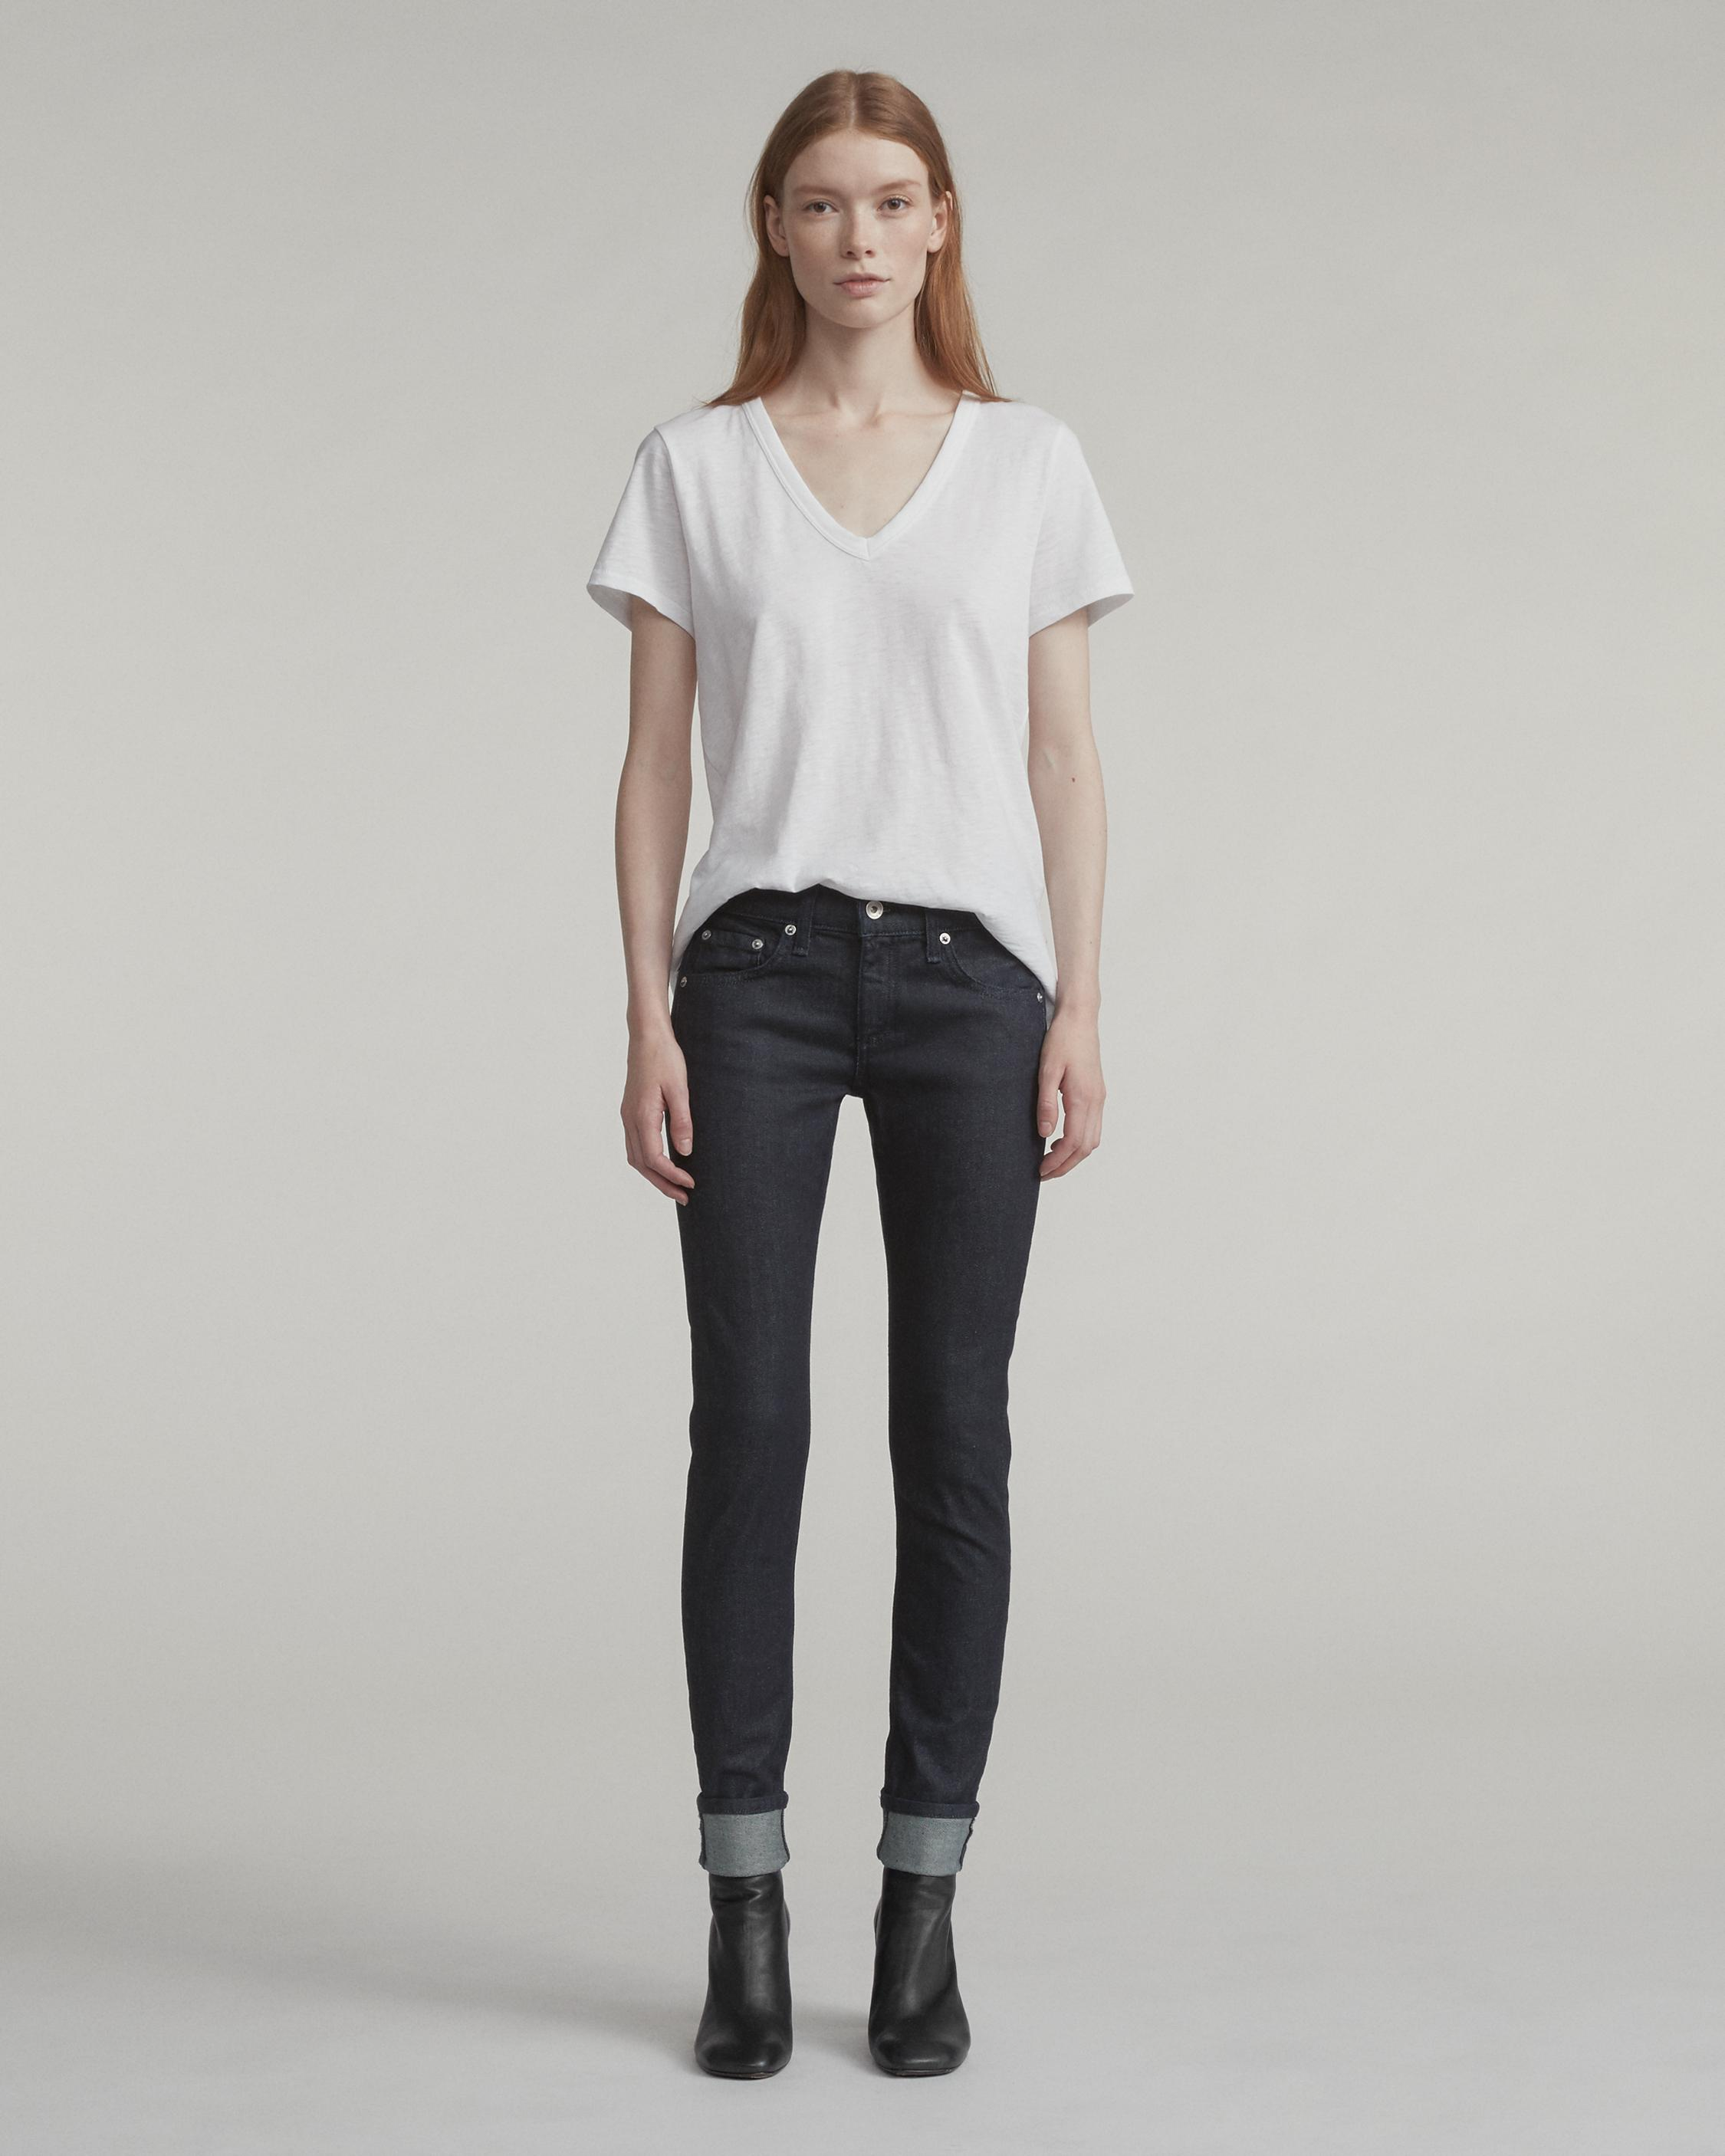 meticulous dyeing processes rational construction unique style Dre | Apparel Jeans | rag & bone